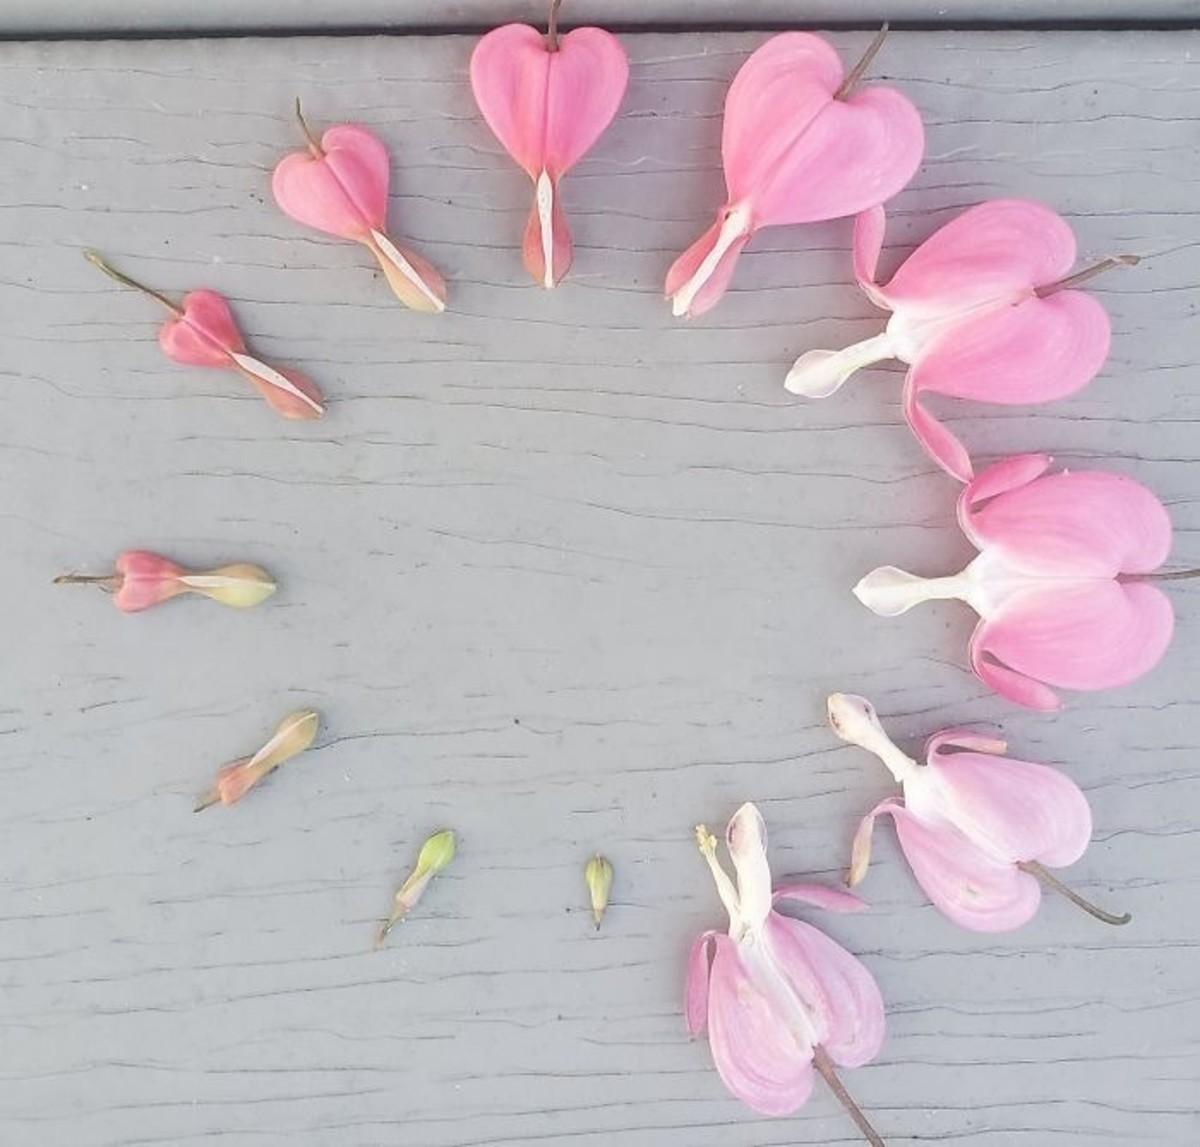 poem-a-beauteous-bleeding-heart-flower